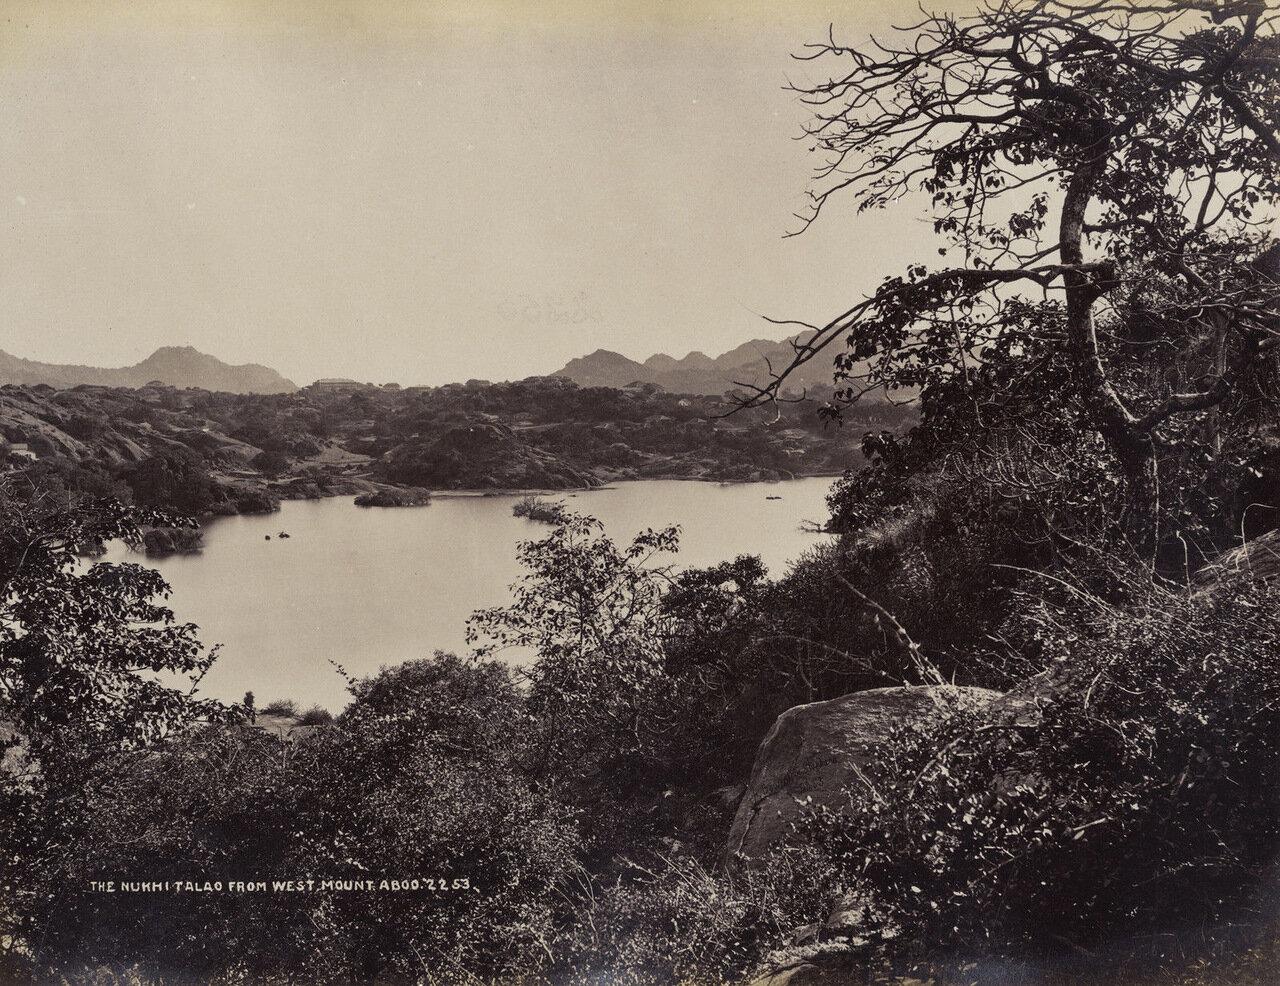 Озеро Накки с Маунт Абу. 1880